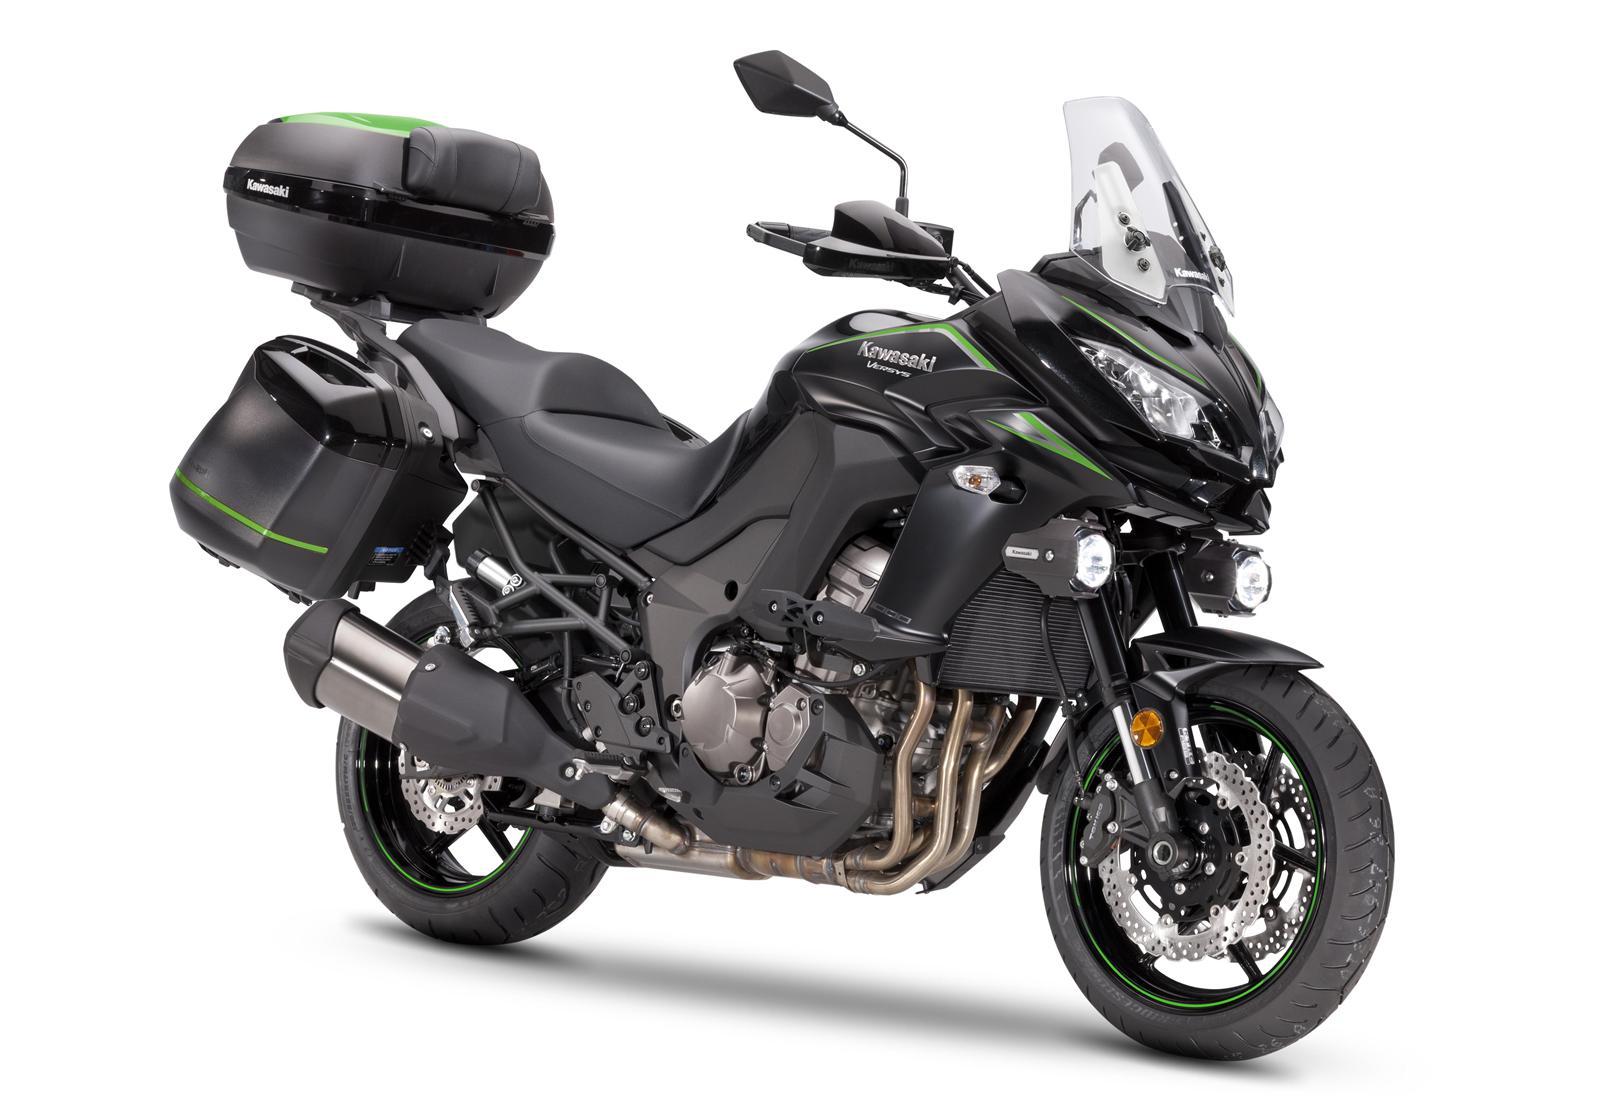 Kawasaki Uk Motorcycles Off Road Utility Vehicles